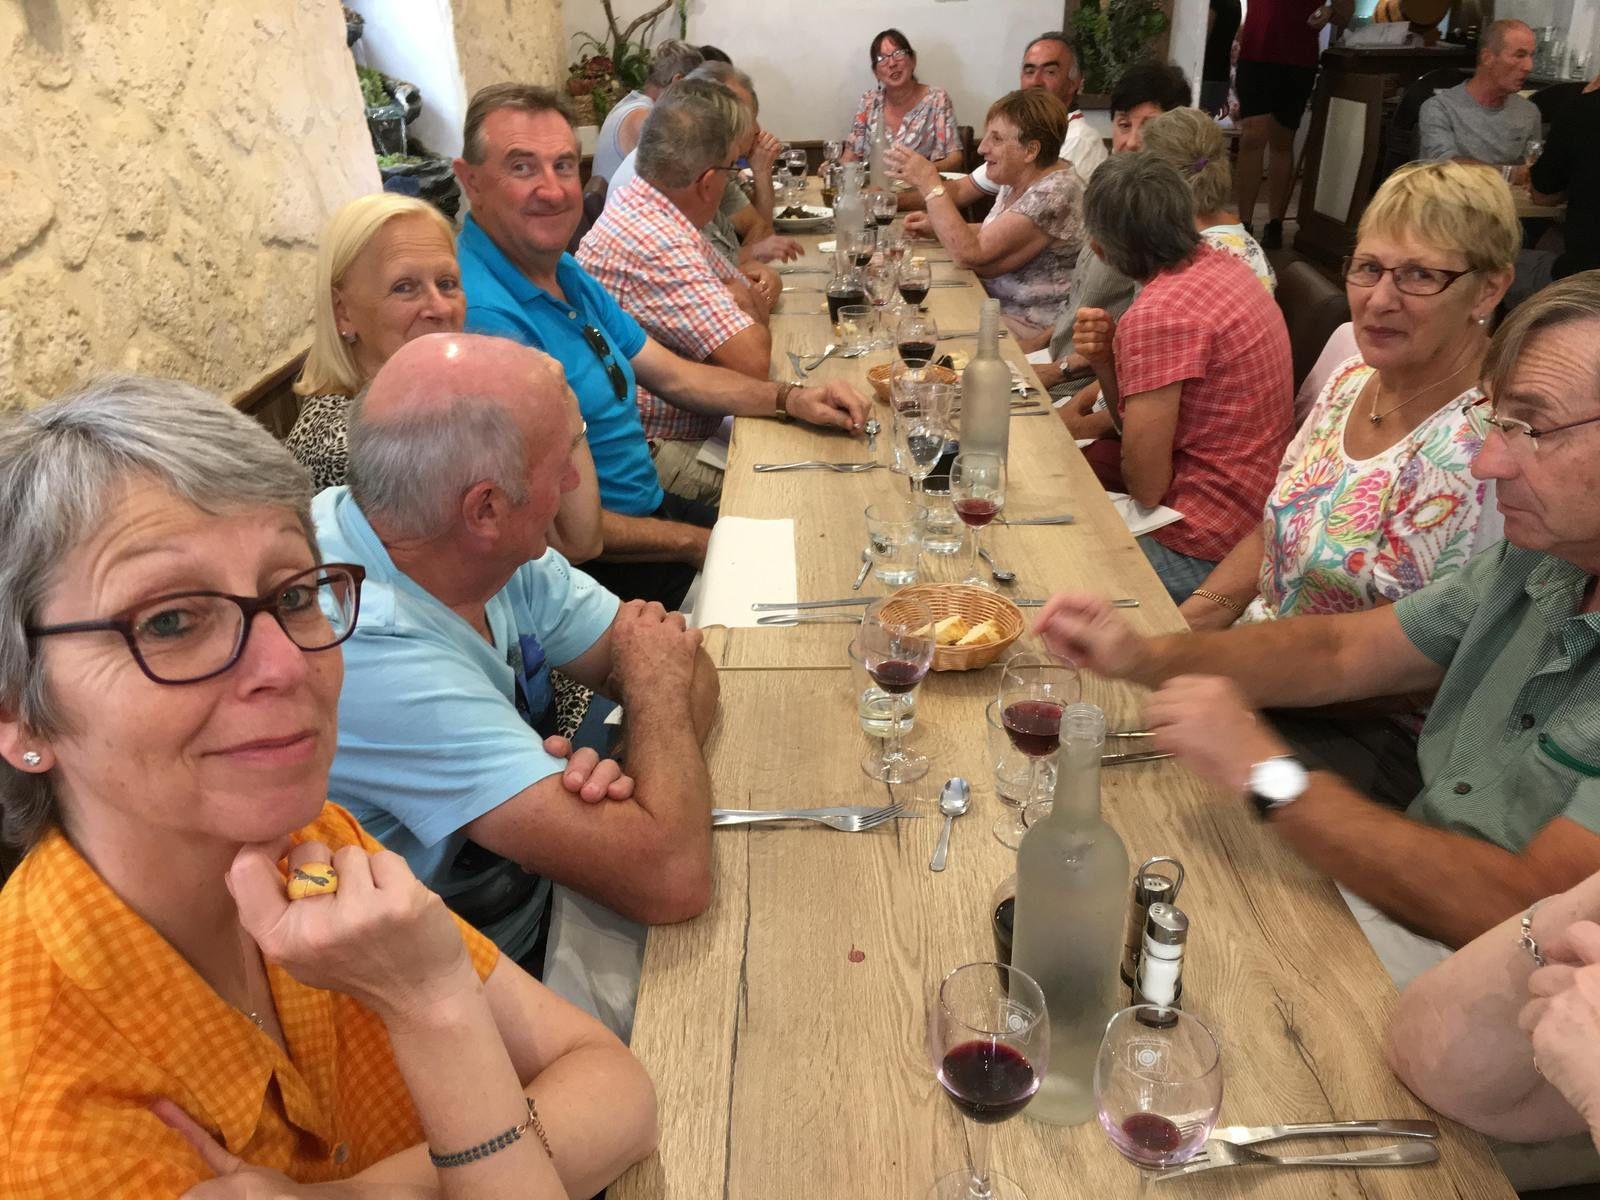 Visite du Grand Site du Pont du Diable le matin, très bon repas à la Taverne de l'Escuelle à Saint-Guilhem, puis visite de l'abbaye et enfin, pour les plus courageux, balade en direction du Bout du Monde et du cirque de l'Infernet (il en manque plusieurs sur la photo!)